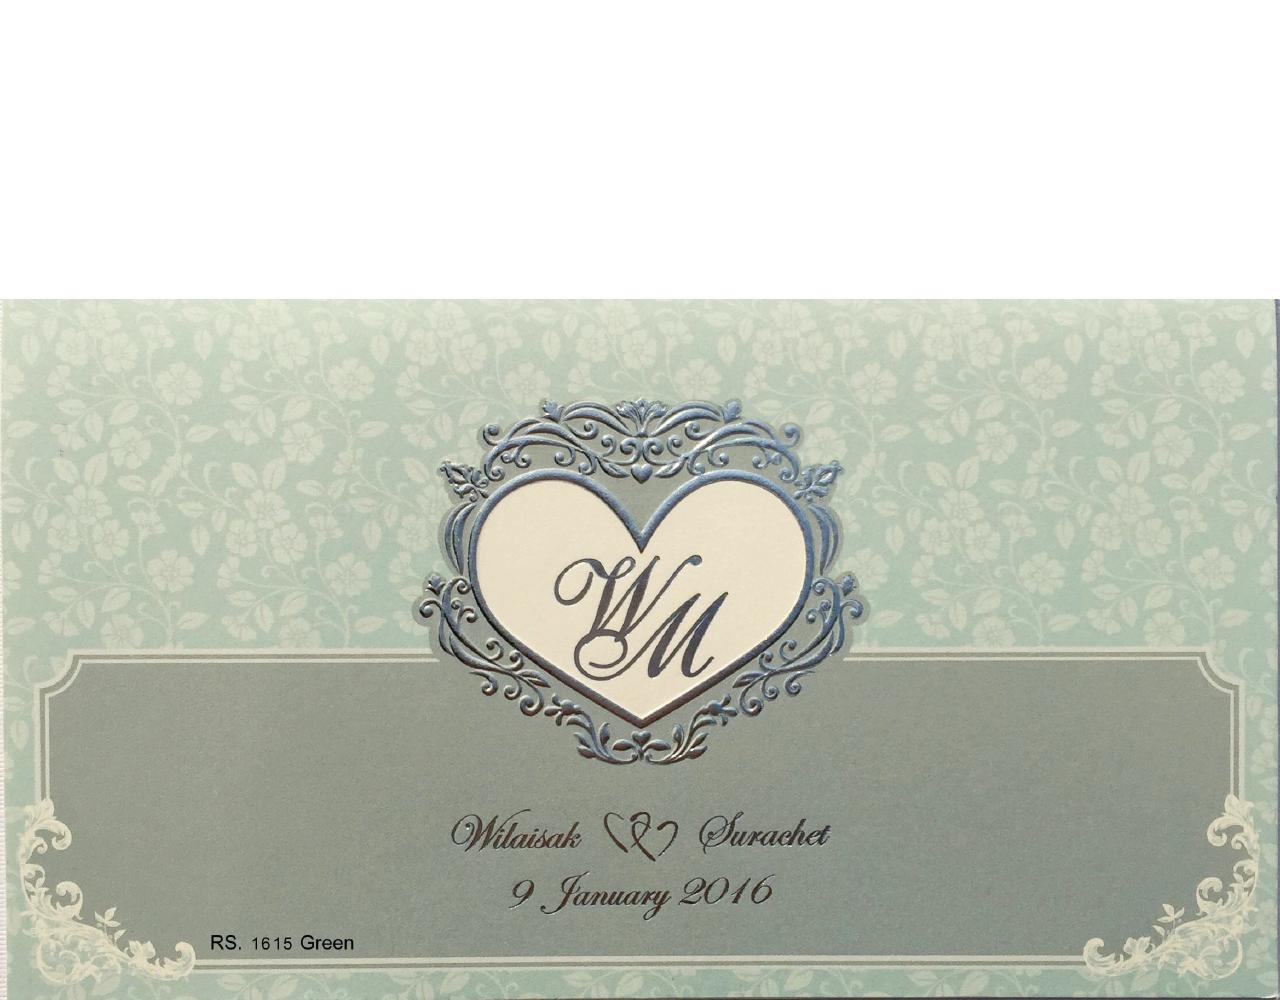 การ์ดแต่งงาน การ์ดเชิญแต่งงาน สีครีมเขียว ราคาไม่แพง ปั๊มนูน พิมพ์เคเงิน wedding card 4x7.5 inch RS 1615